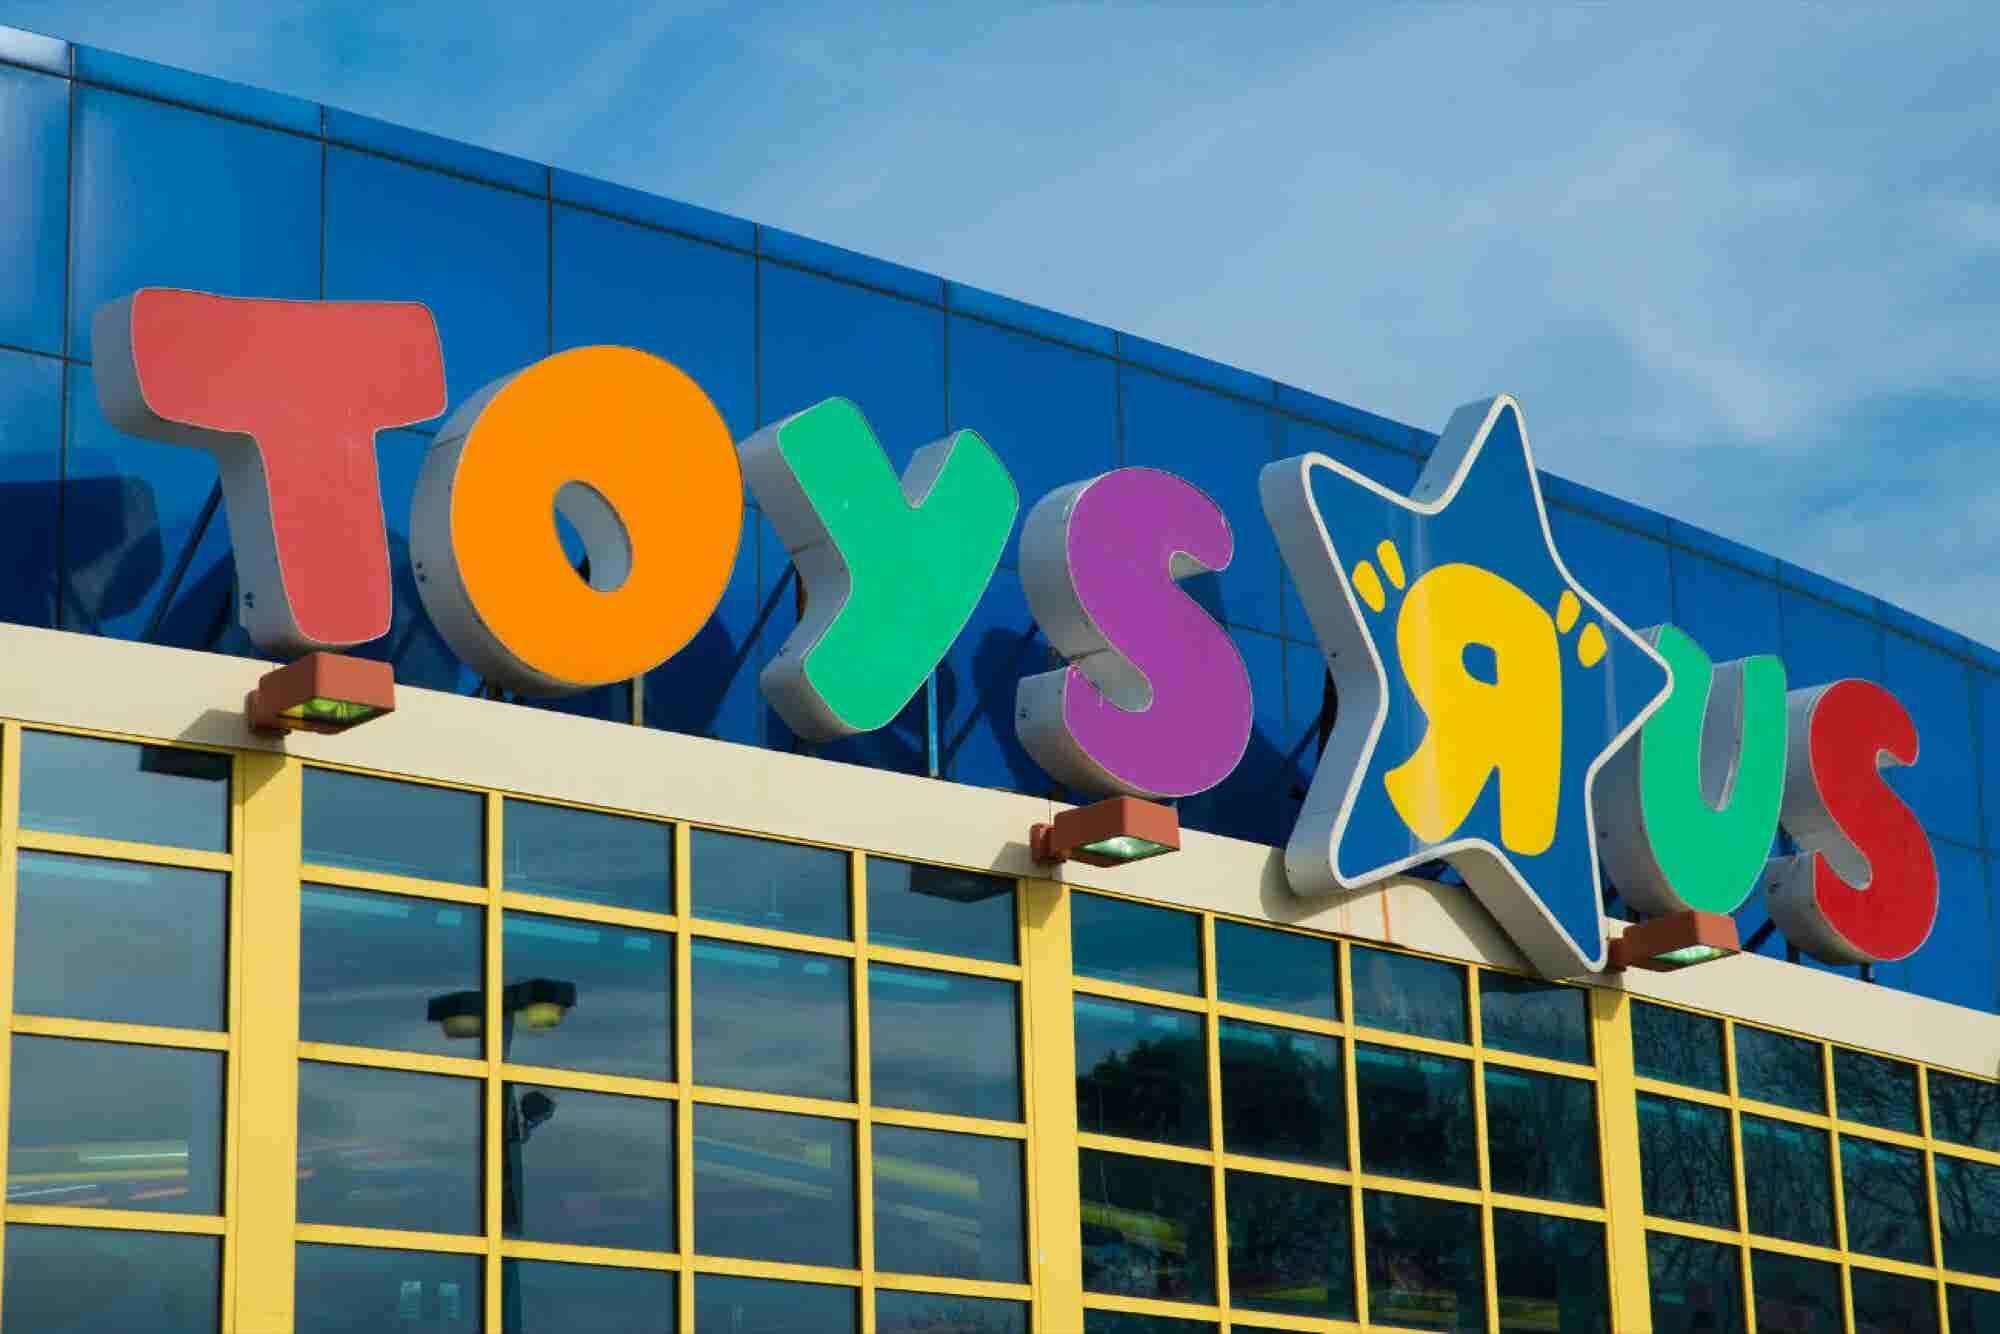 Tras la quiebra Toys 'R' subastará también su nombre